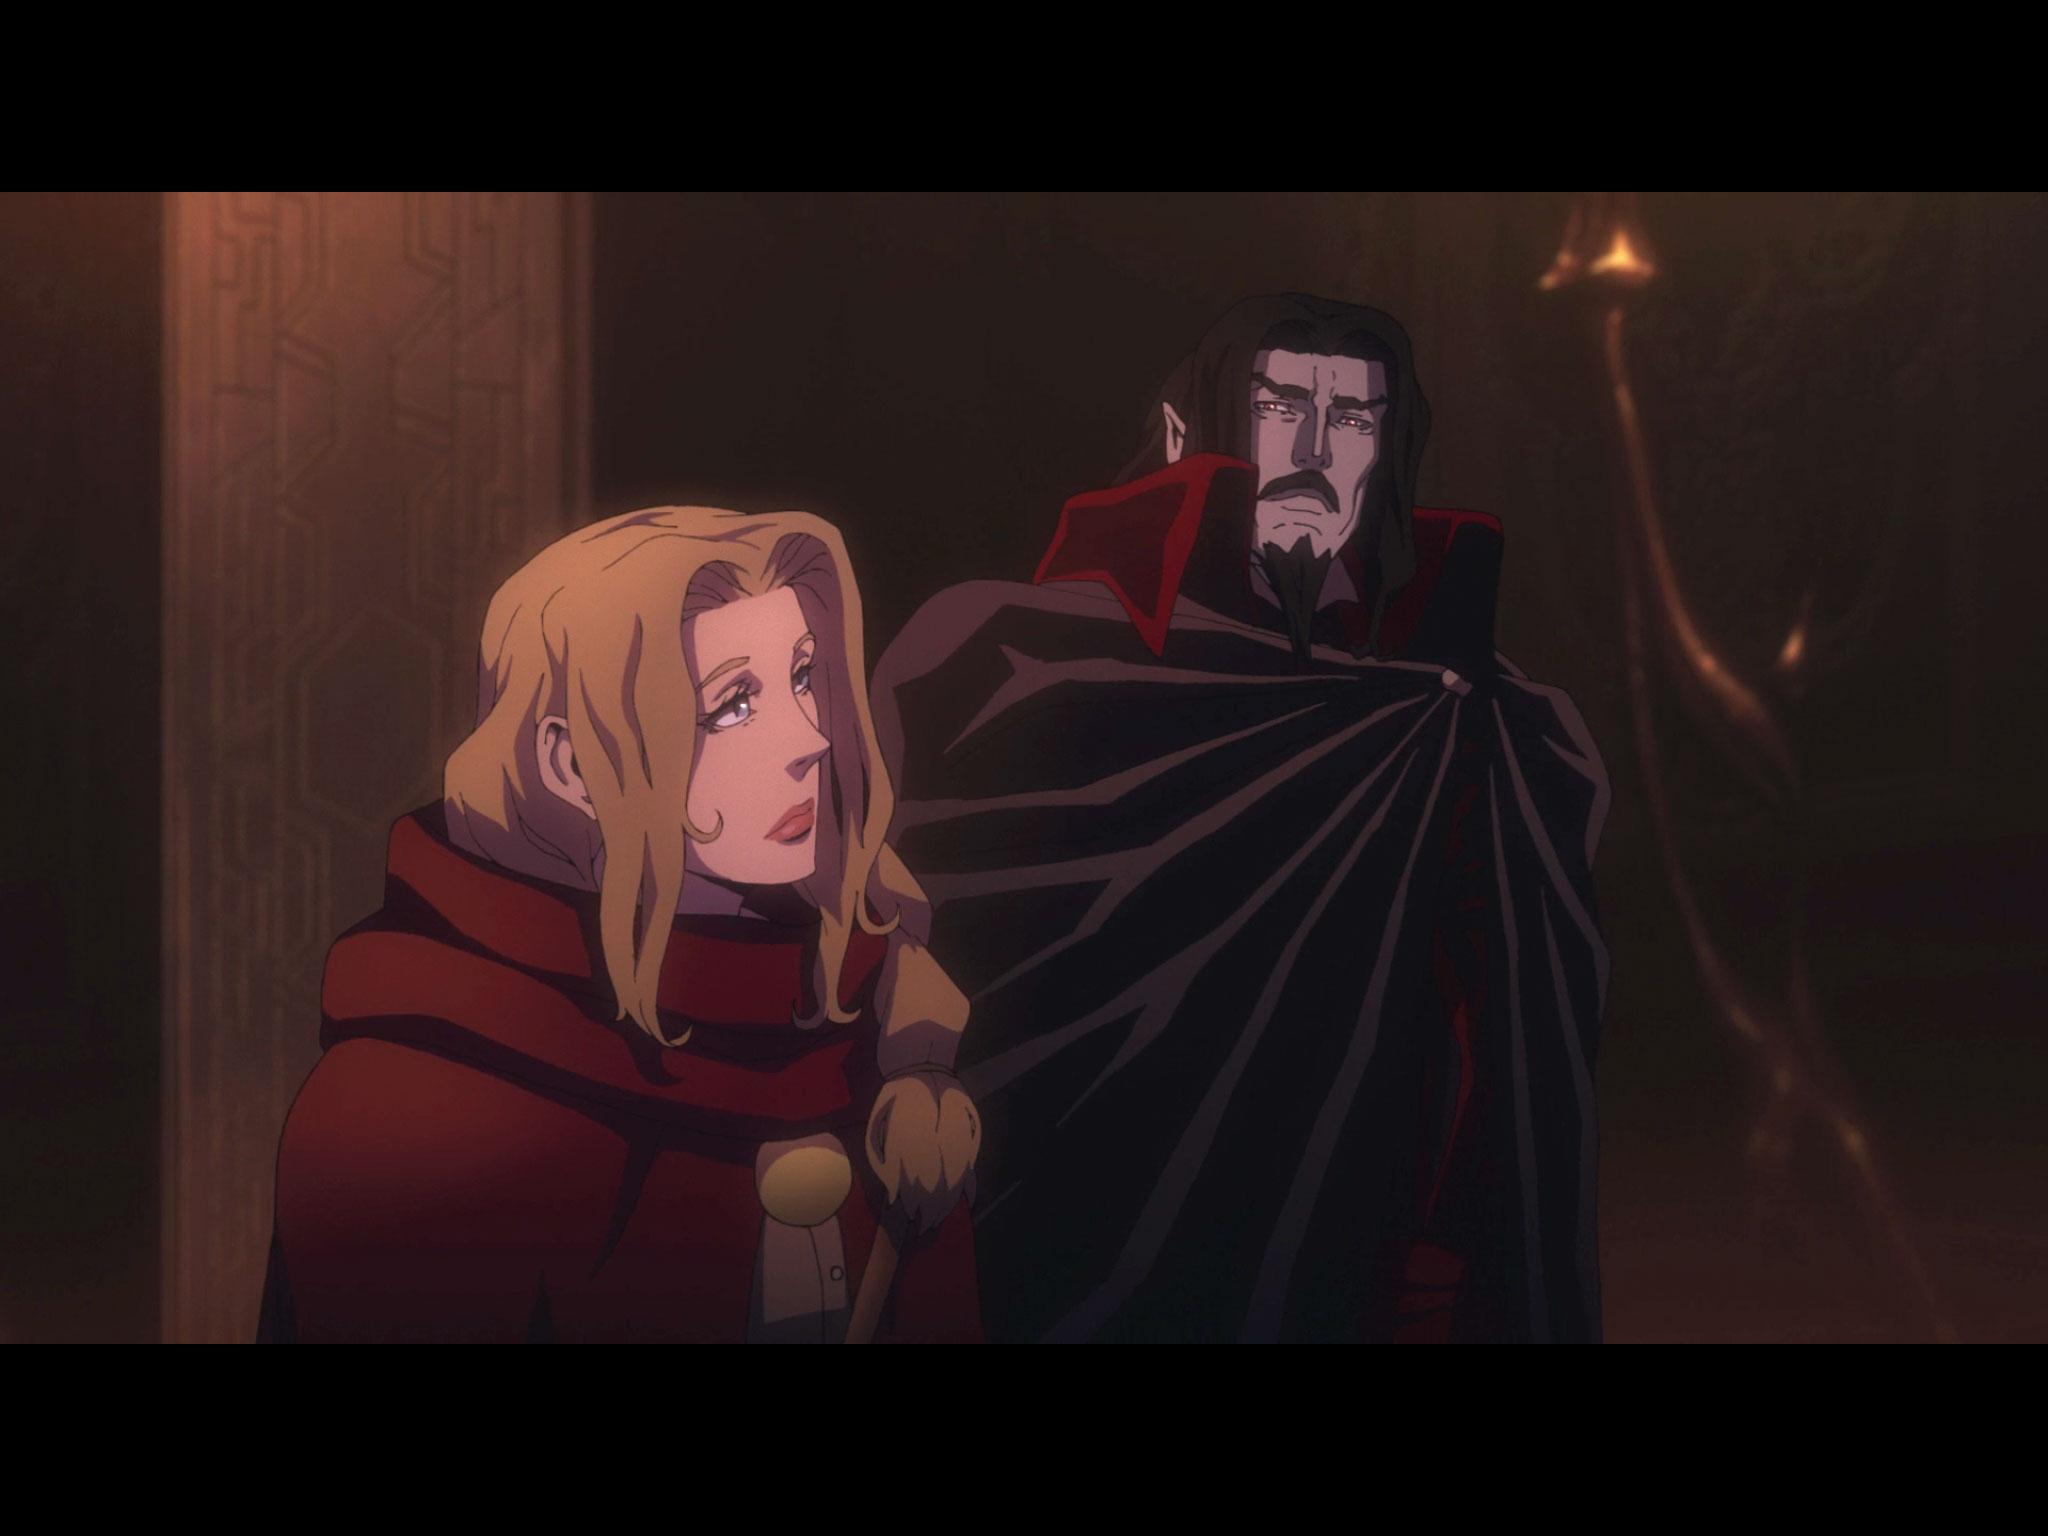 """Wurde ebenfalls im Auftrag von Netflix produziert und könnte als Erfolgs-Blaupause für eine mögliche """"Diablo""""-Umsetzung dienen: die Anime-Serie """"Castlevania""""."""